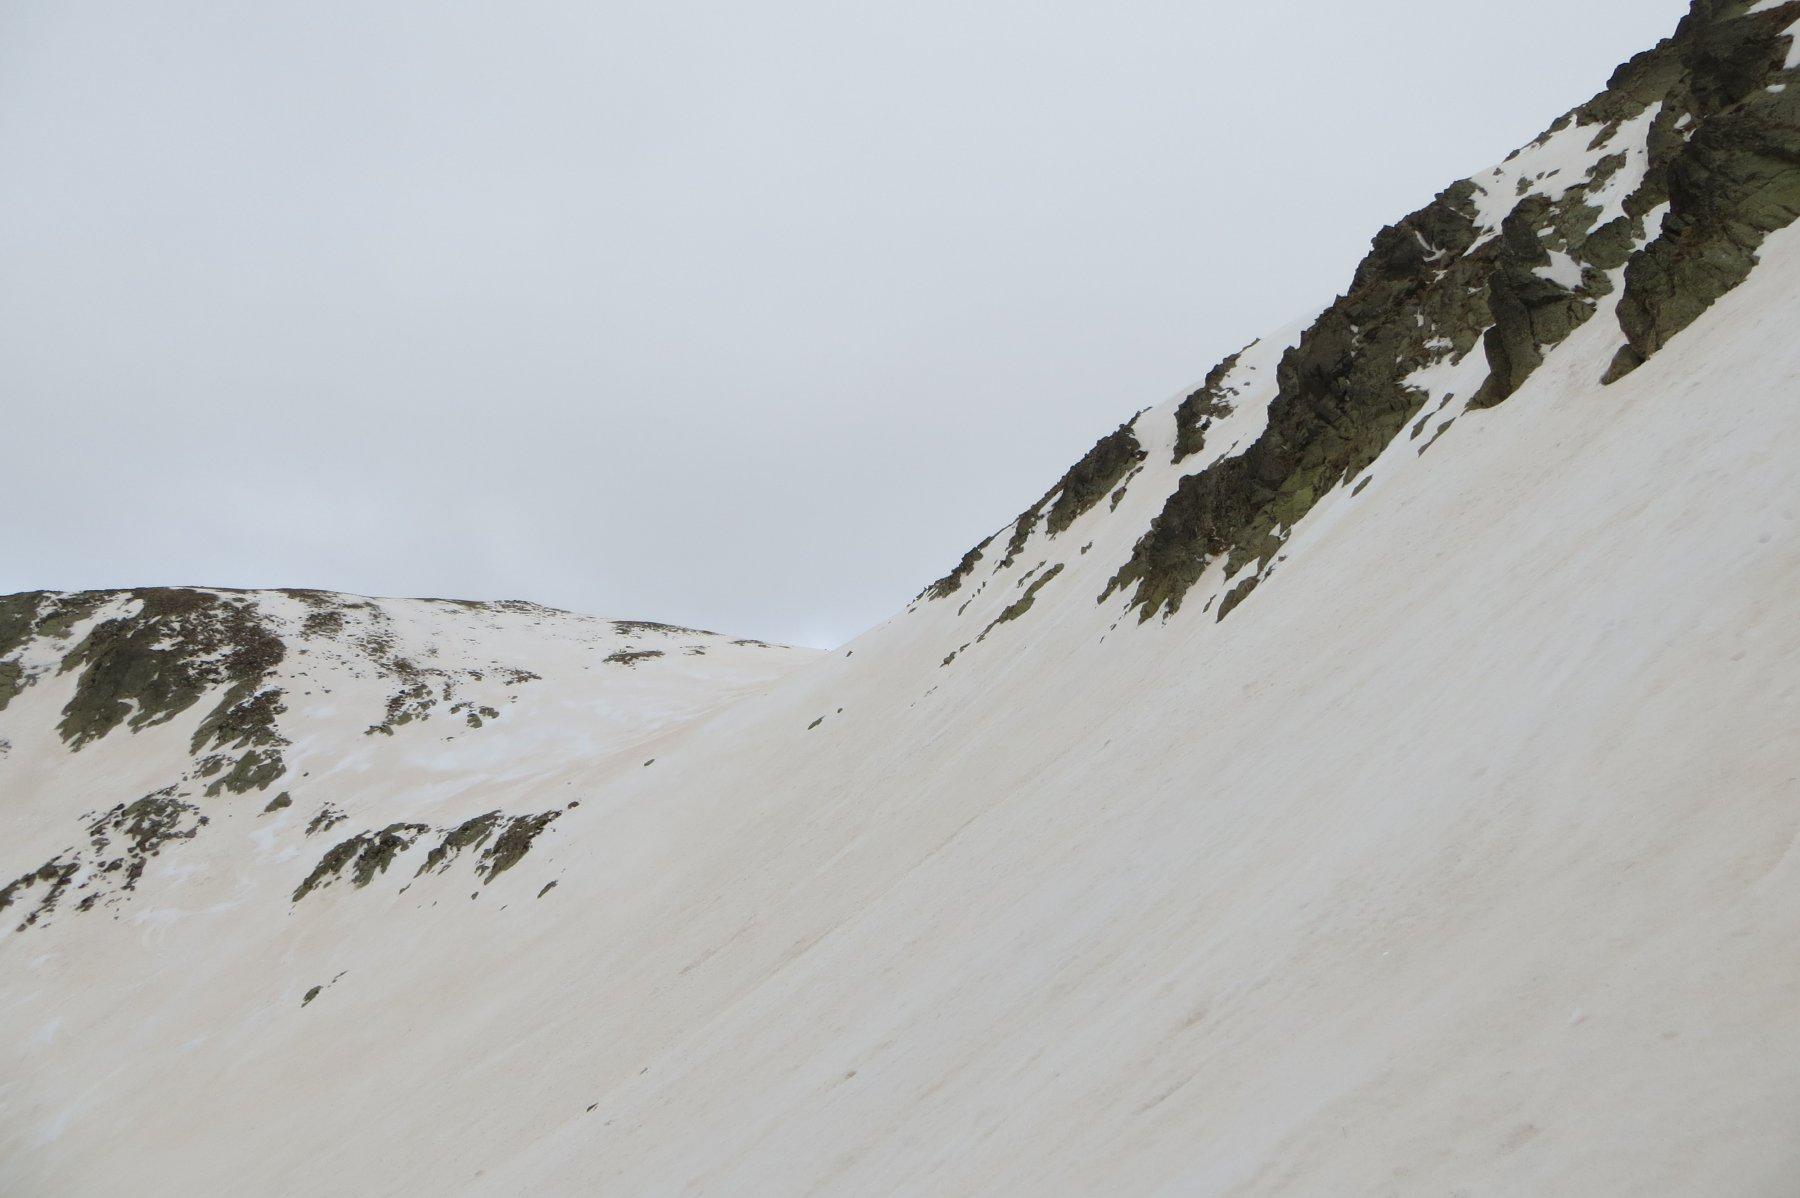 versante francese ESE per aggirare il tratto di cresta tra la cima Centrale e Orientale